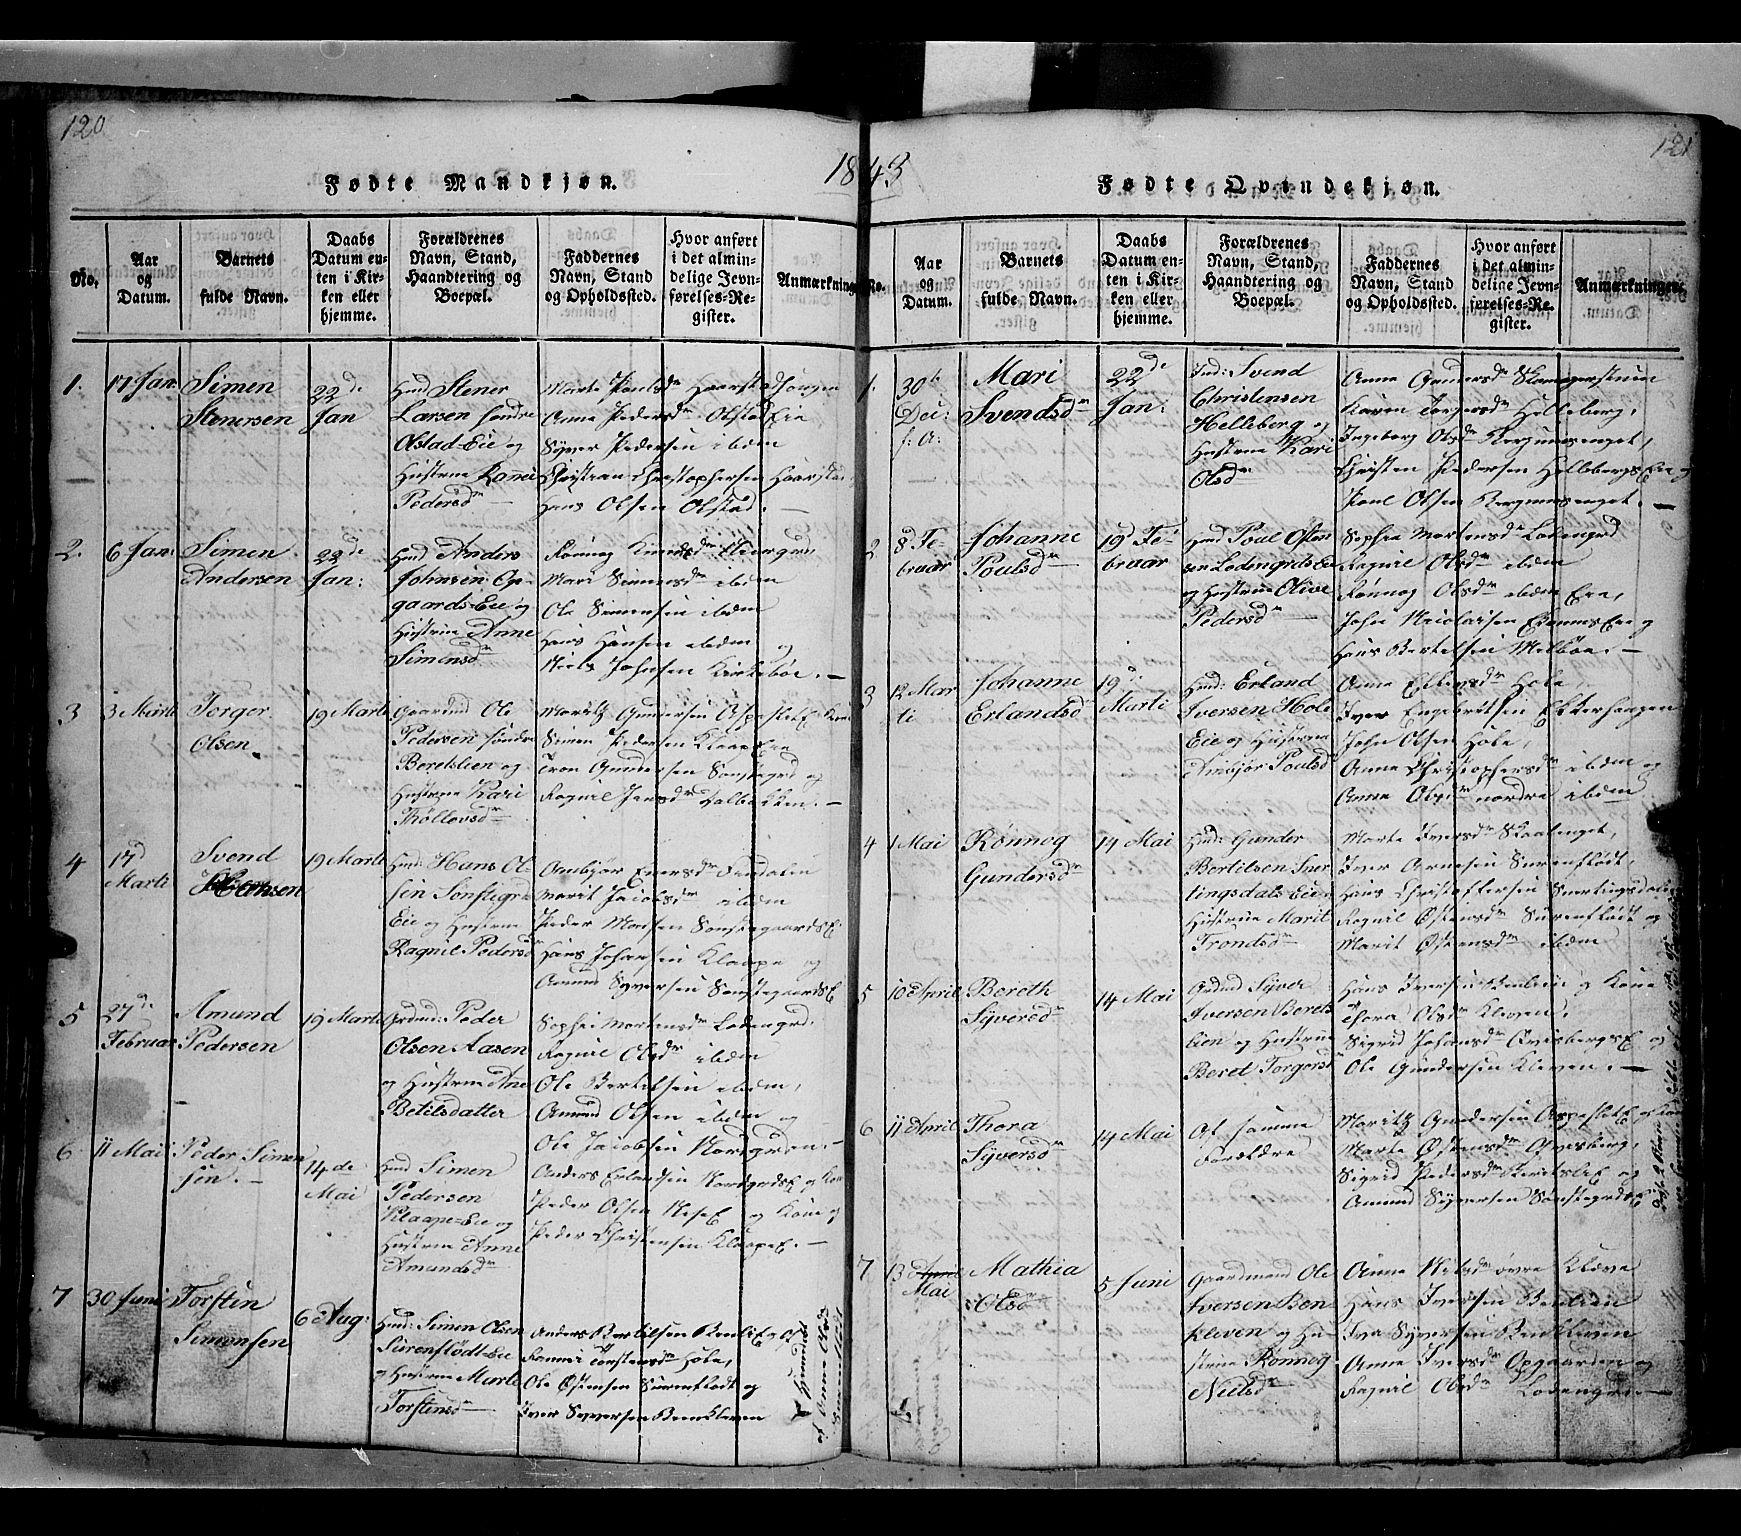 SAH, Gausdal prestekontor, Klokkerbok nr. 2, 1818-1874, s. 120-121